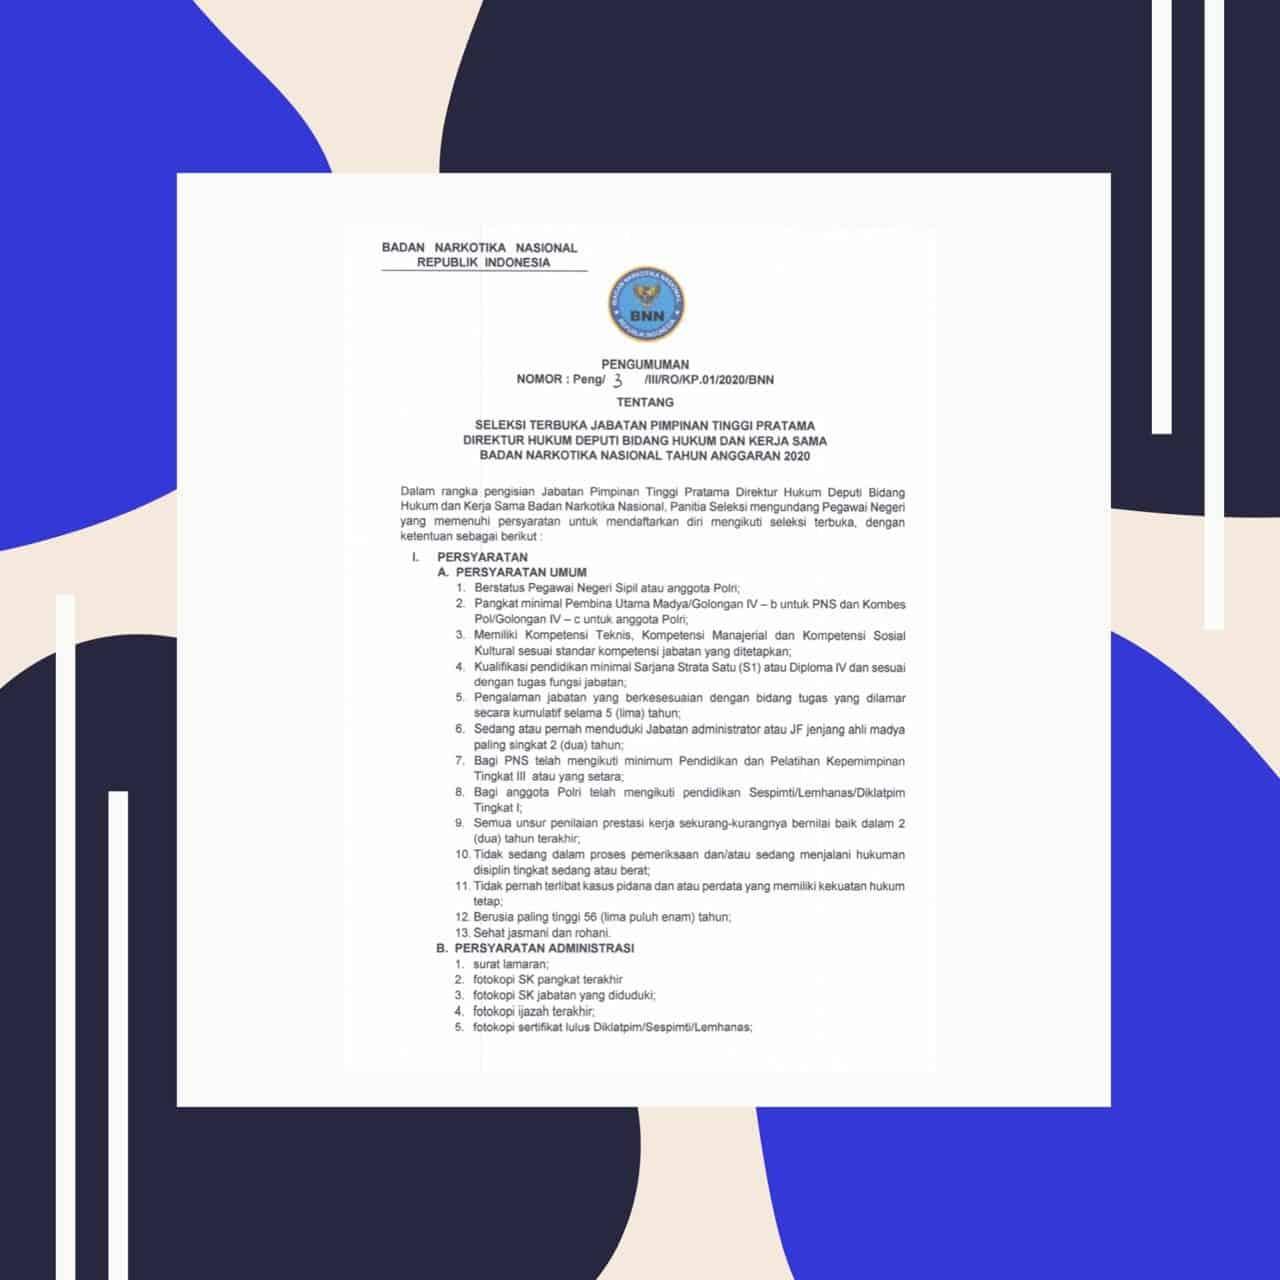 Seleksi Terbuka Jabatan Pimpinan Tinggi Pratama Direktur Hukum Deputi Bidang Hukum Dan Kerja Sama BNN T.A. 2020